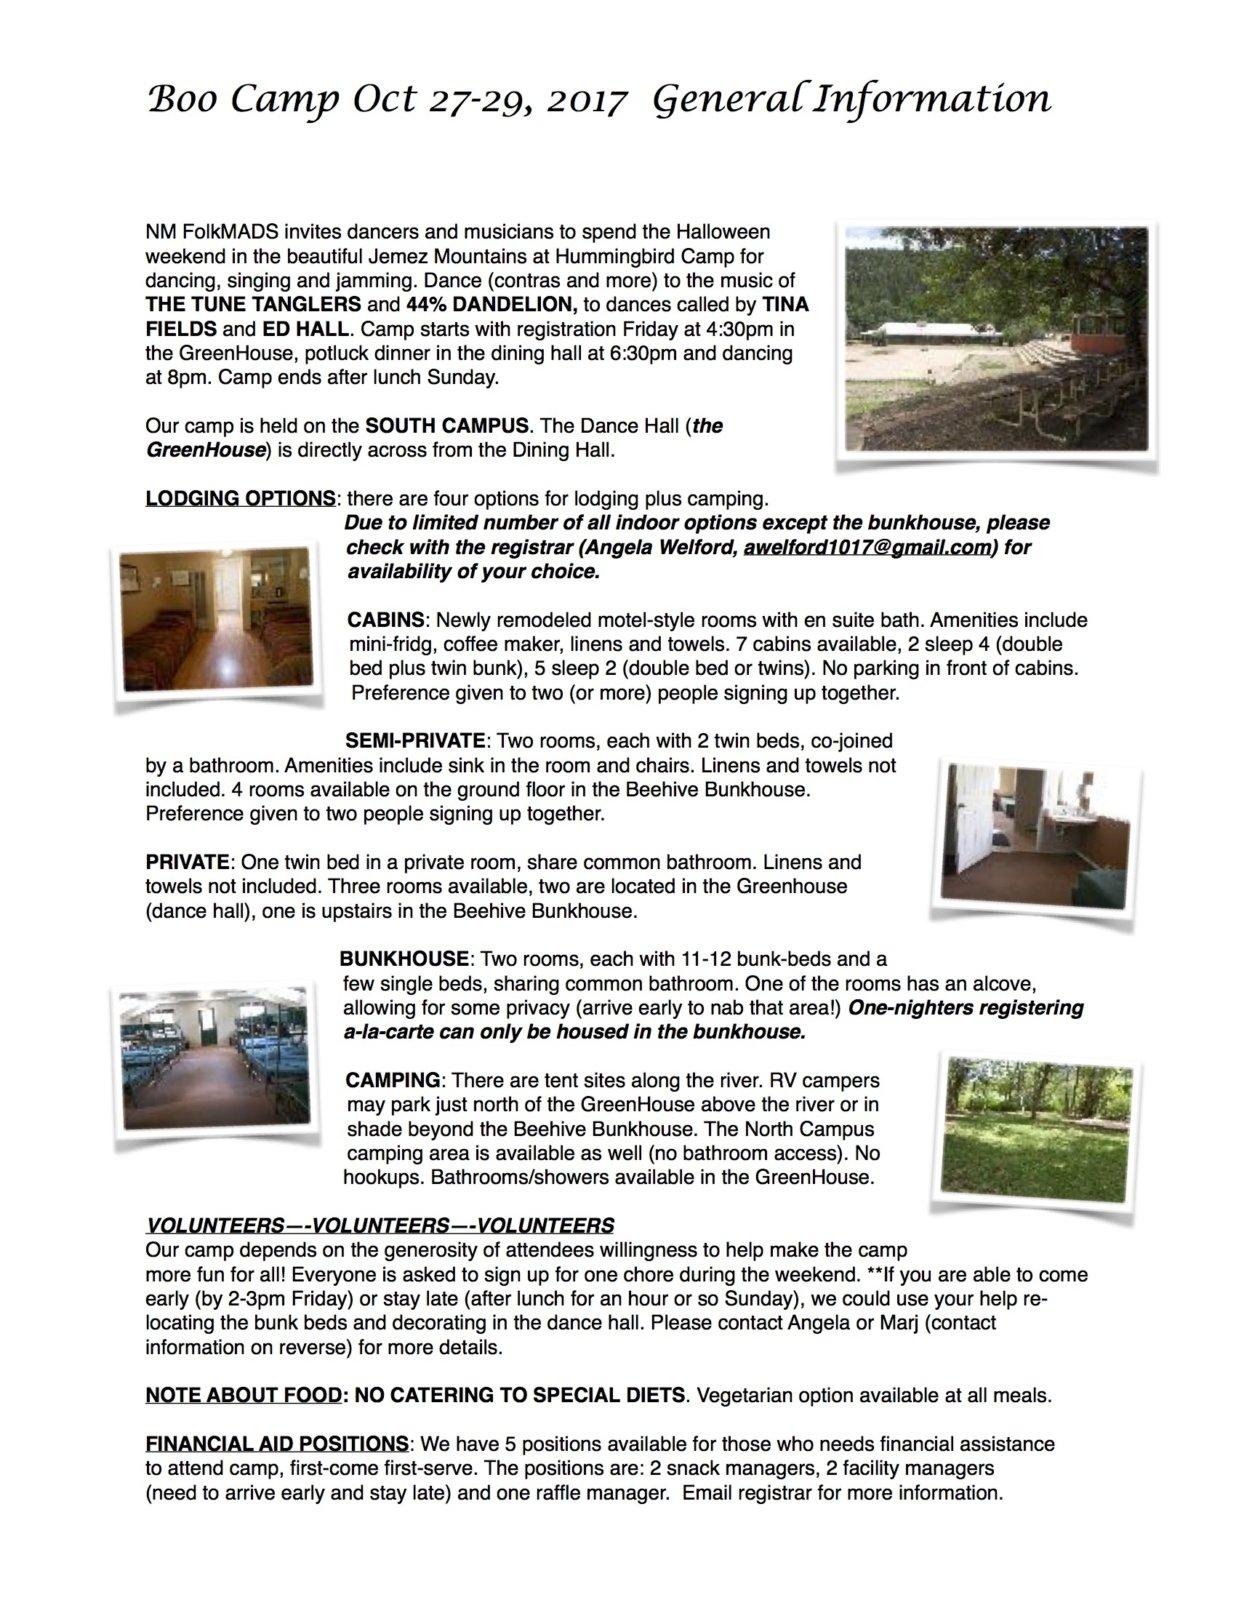 2017-08-13 Boo Camp General Info